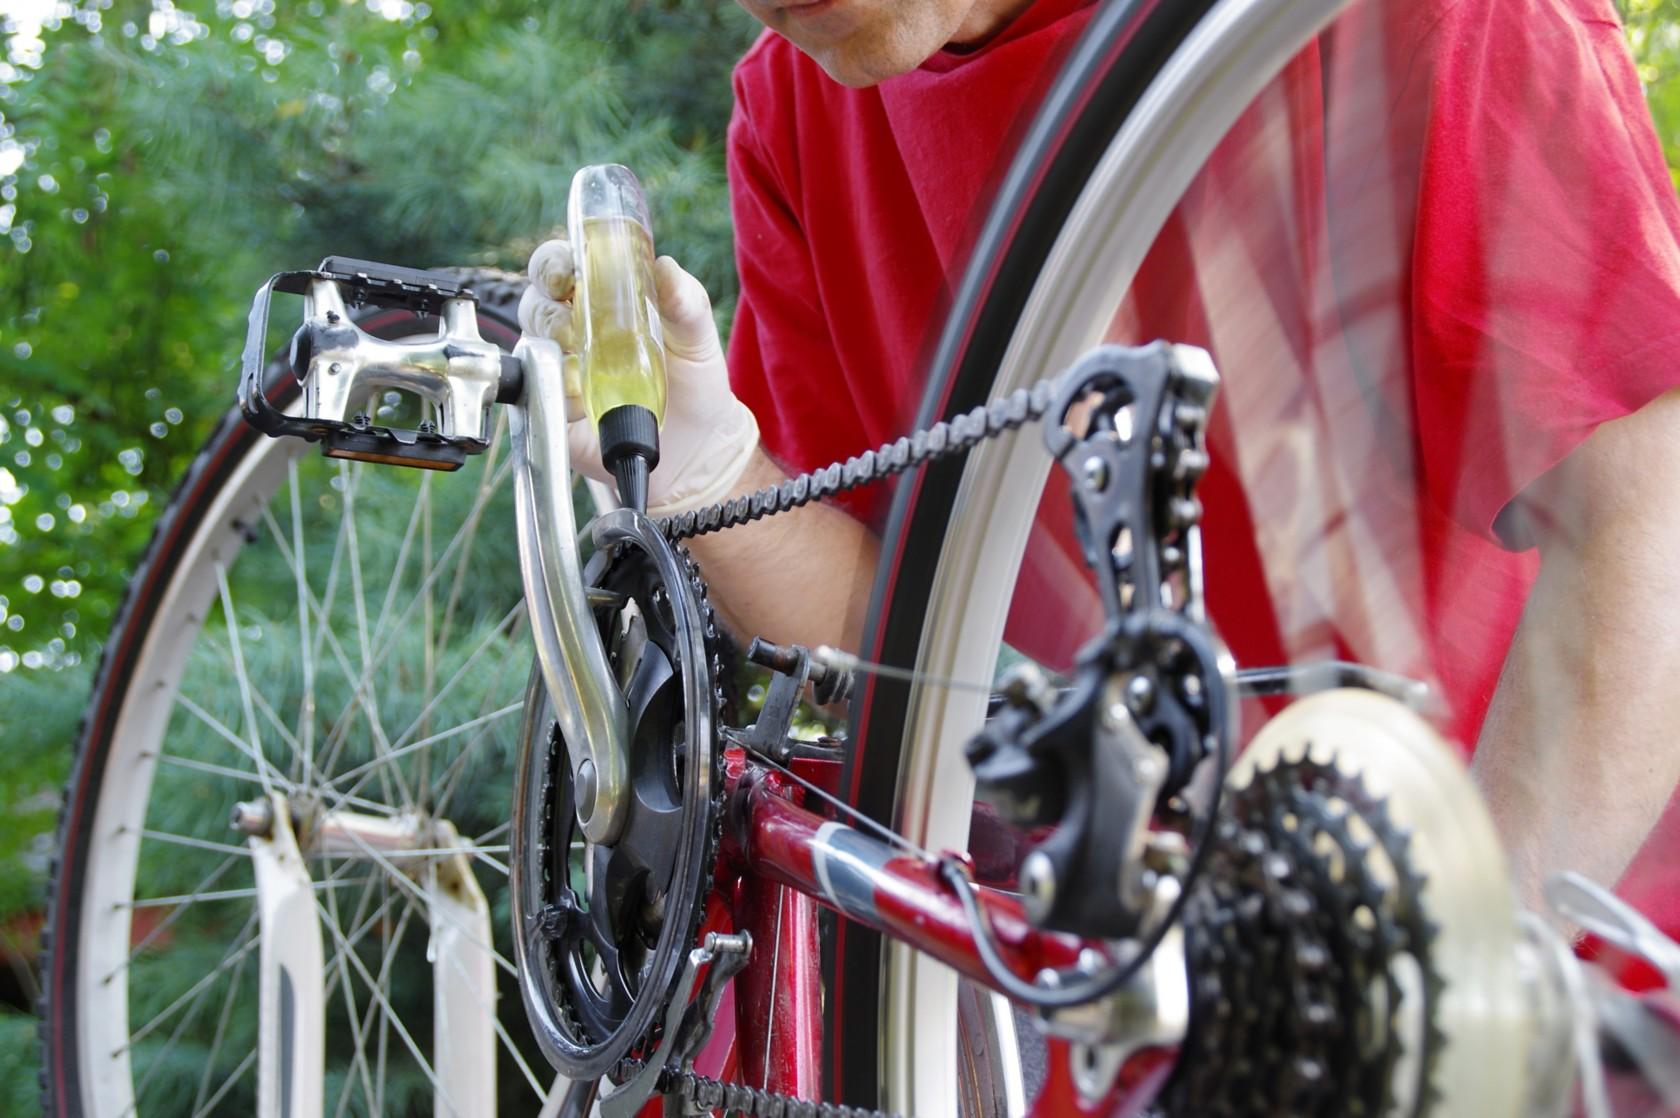 Kette reinigen Fahrrad